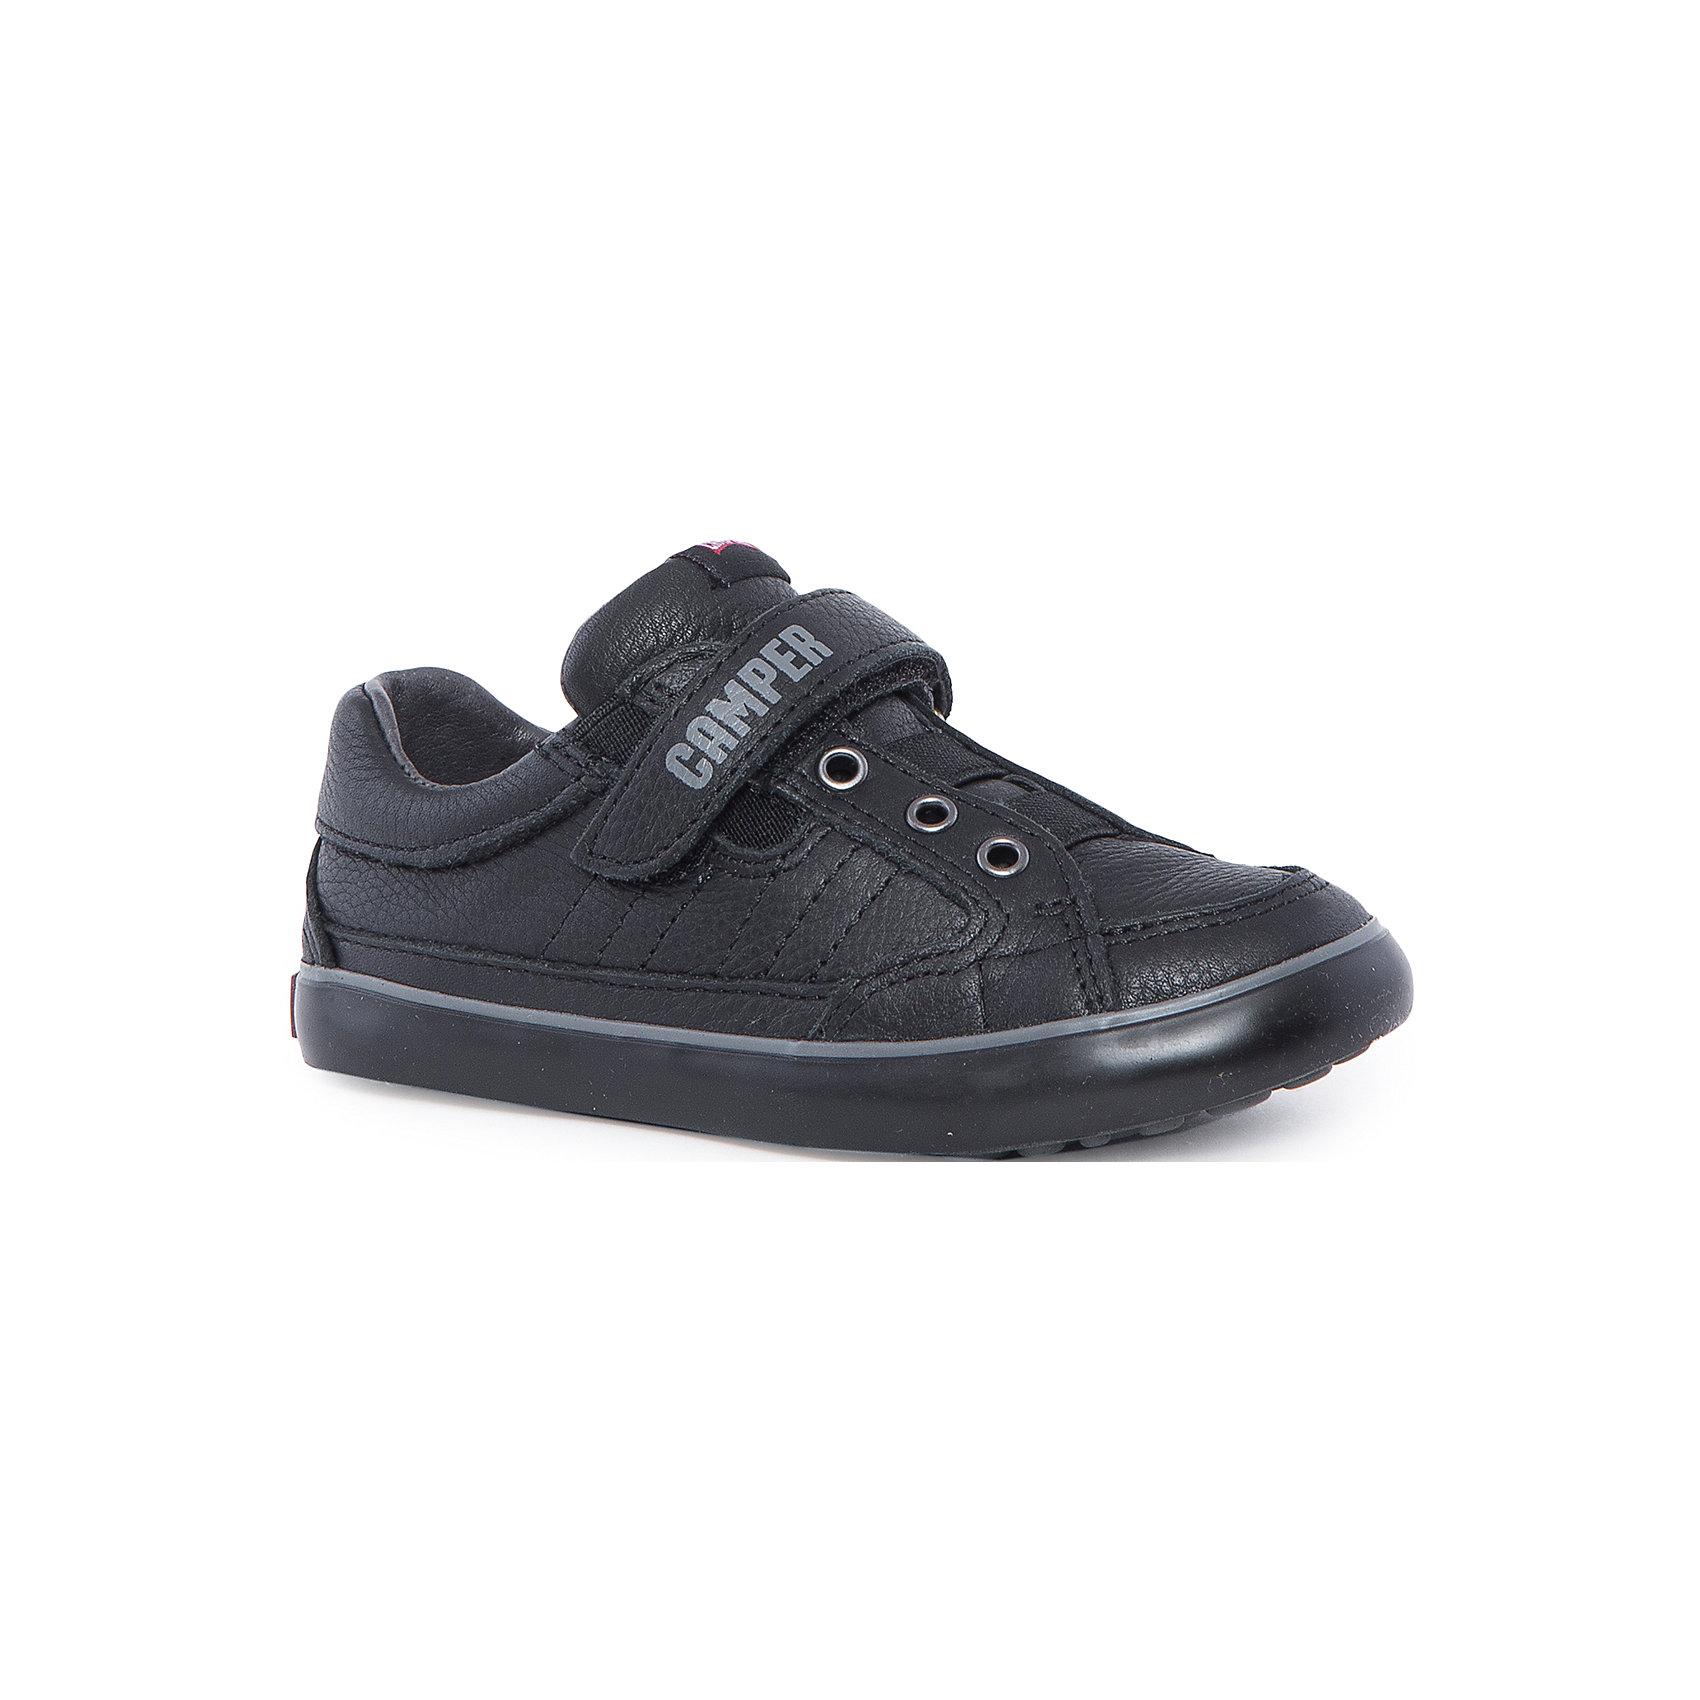 Полуботинки для мальчика CamperБотинки<br>Характеристики:<br><br>• Предназначение: повседневная обувь<br>• Сезон: демисезонные<br>• Пол: для мальчика<br>• Цвет: черный, серый<br>• Материал верха и стельки: натуральная кожа<br>• Материал подошвы: резина<br>• Тип каблука и подошвы: плоская<br>• Тип застежки: липучки, шнурки<br>• Уход: удаление загрязнений мягкой тканью<br><br>Полуботинки для мальчика Camper изготовлены испанским торговым брендом, специализирующимся на производстве обуви премиум-класса. Детская обувь Camper учитывает анатомические особенности детской растущей ноги, поэтому она изготавливается исключительно из натуральной кожи. Сникеры выполнены из гладкой кожи, все элементы верха прошиты, для защиты от натирания предусмотрена мягкая пятка. Полуботинки выполнены в классическом спортивном стиле, на подошве и ремешке-липучке имеется брендовая надпись.<br><br>Полуботинки для мальчика Camper можно купить в нашем интернет-магазине.<br><br>Ширина мм: 262<br>Глубина мм: 176<br>Высота мм: 97<br>Вес г: 427<br>Цвет: черный<br>Возраст от месяцев: 60<br>Возраст до месяцев: 72<br>Пол: Мужской<br>Возраст: Детский<br>Размер: 29,30,37,34,38,33,32,31,36,35,26,28,27,25<br>SKU: 4974848